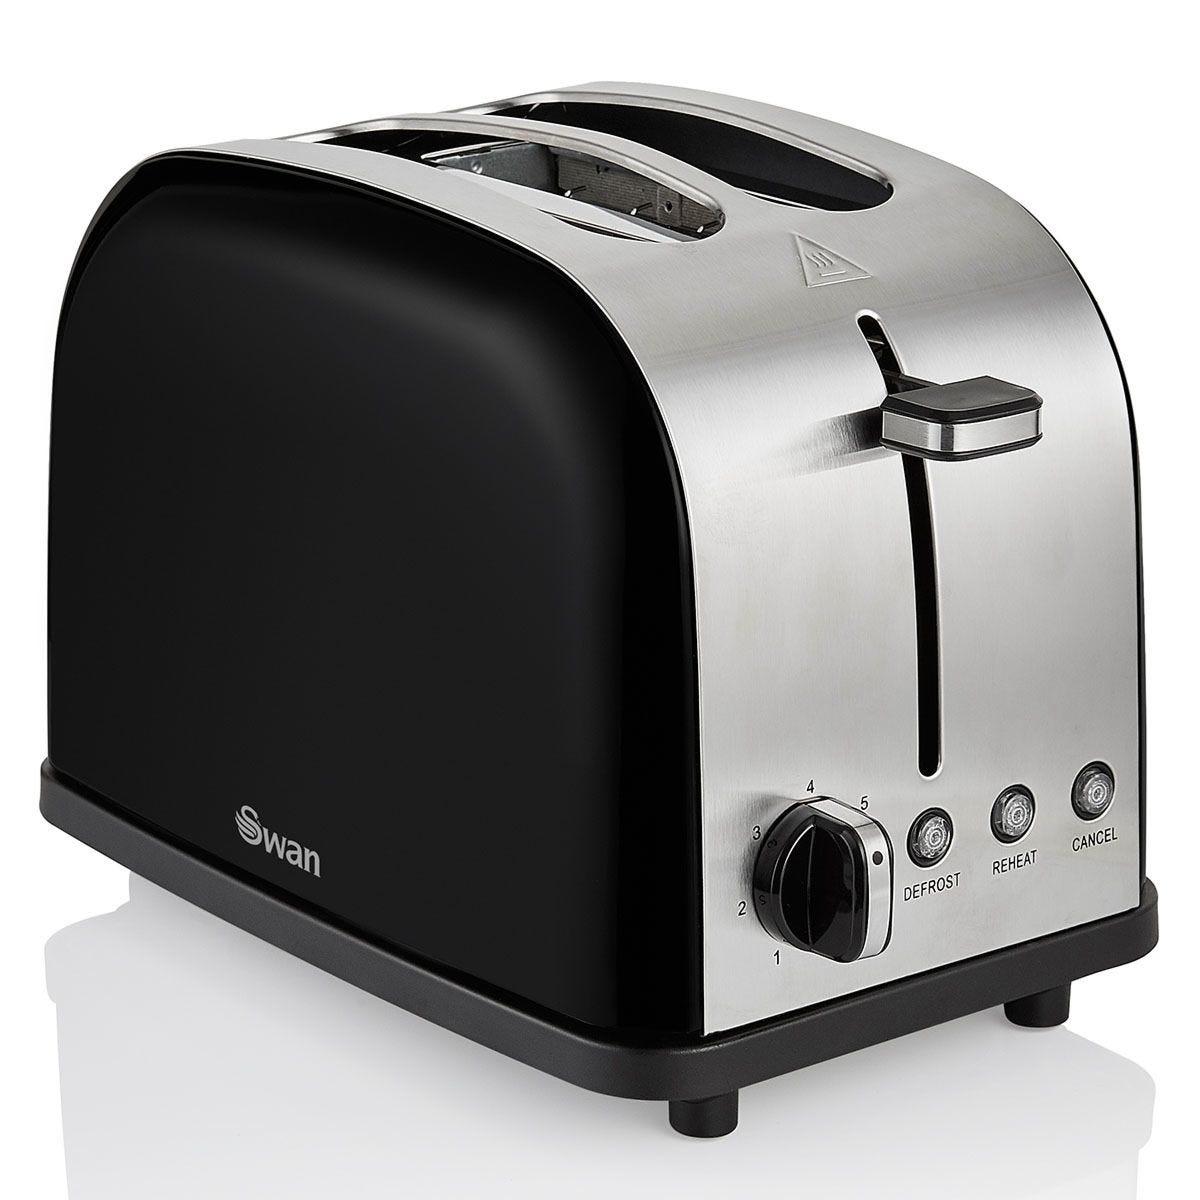 Swan ST14092BLKN Camden 2-Slice Toaster - Black